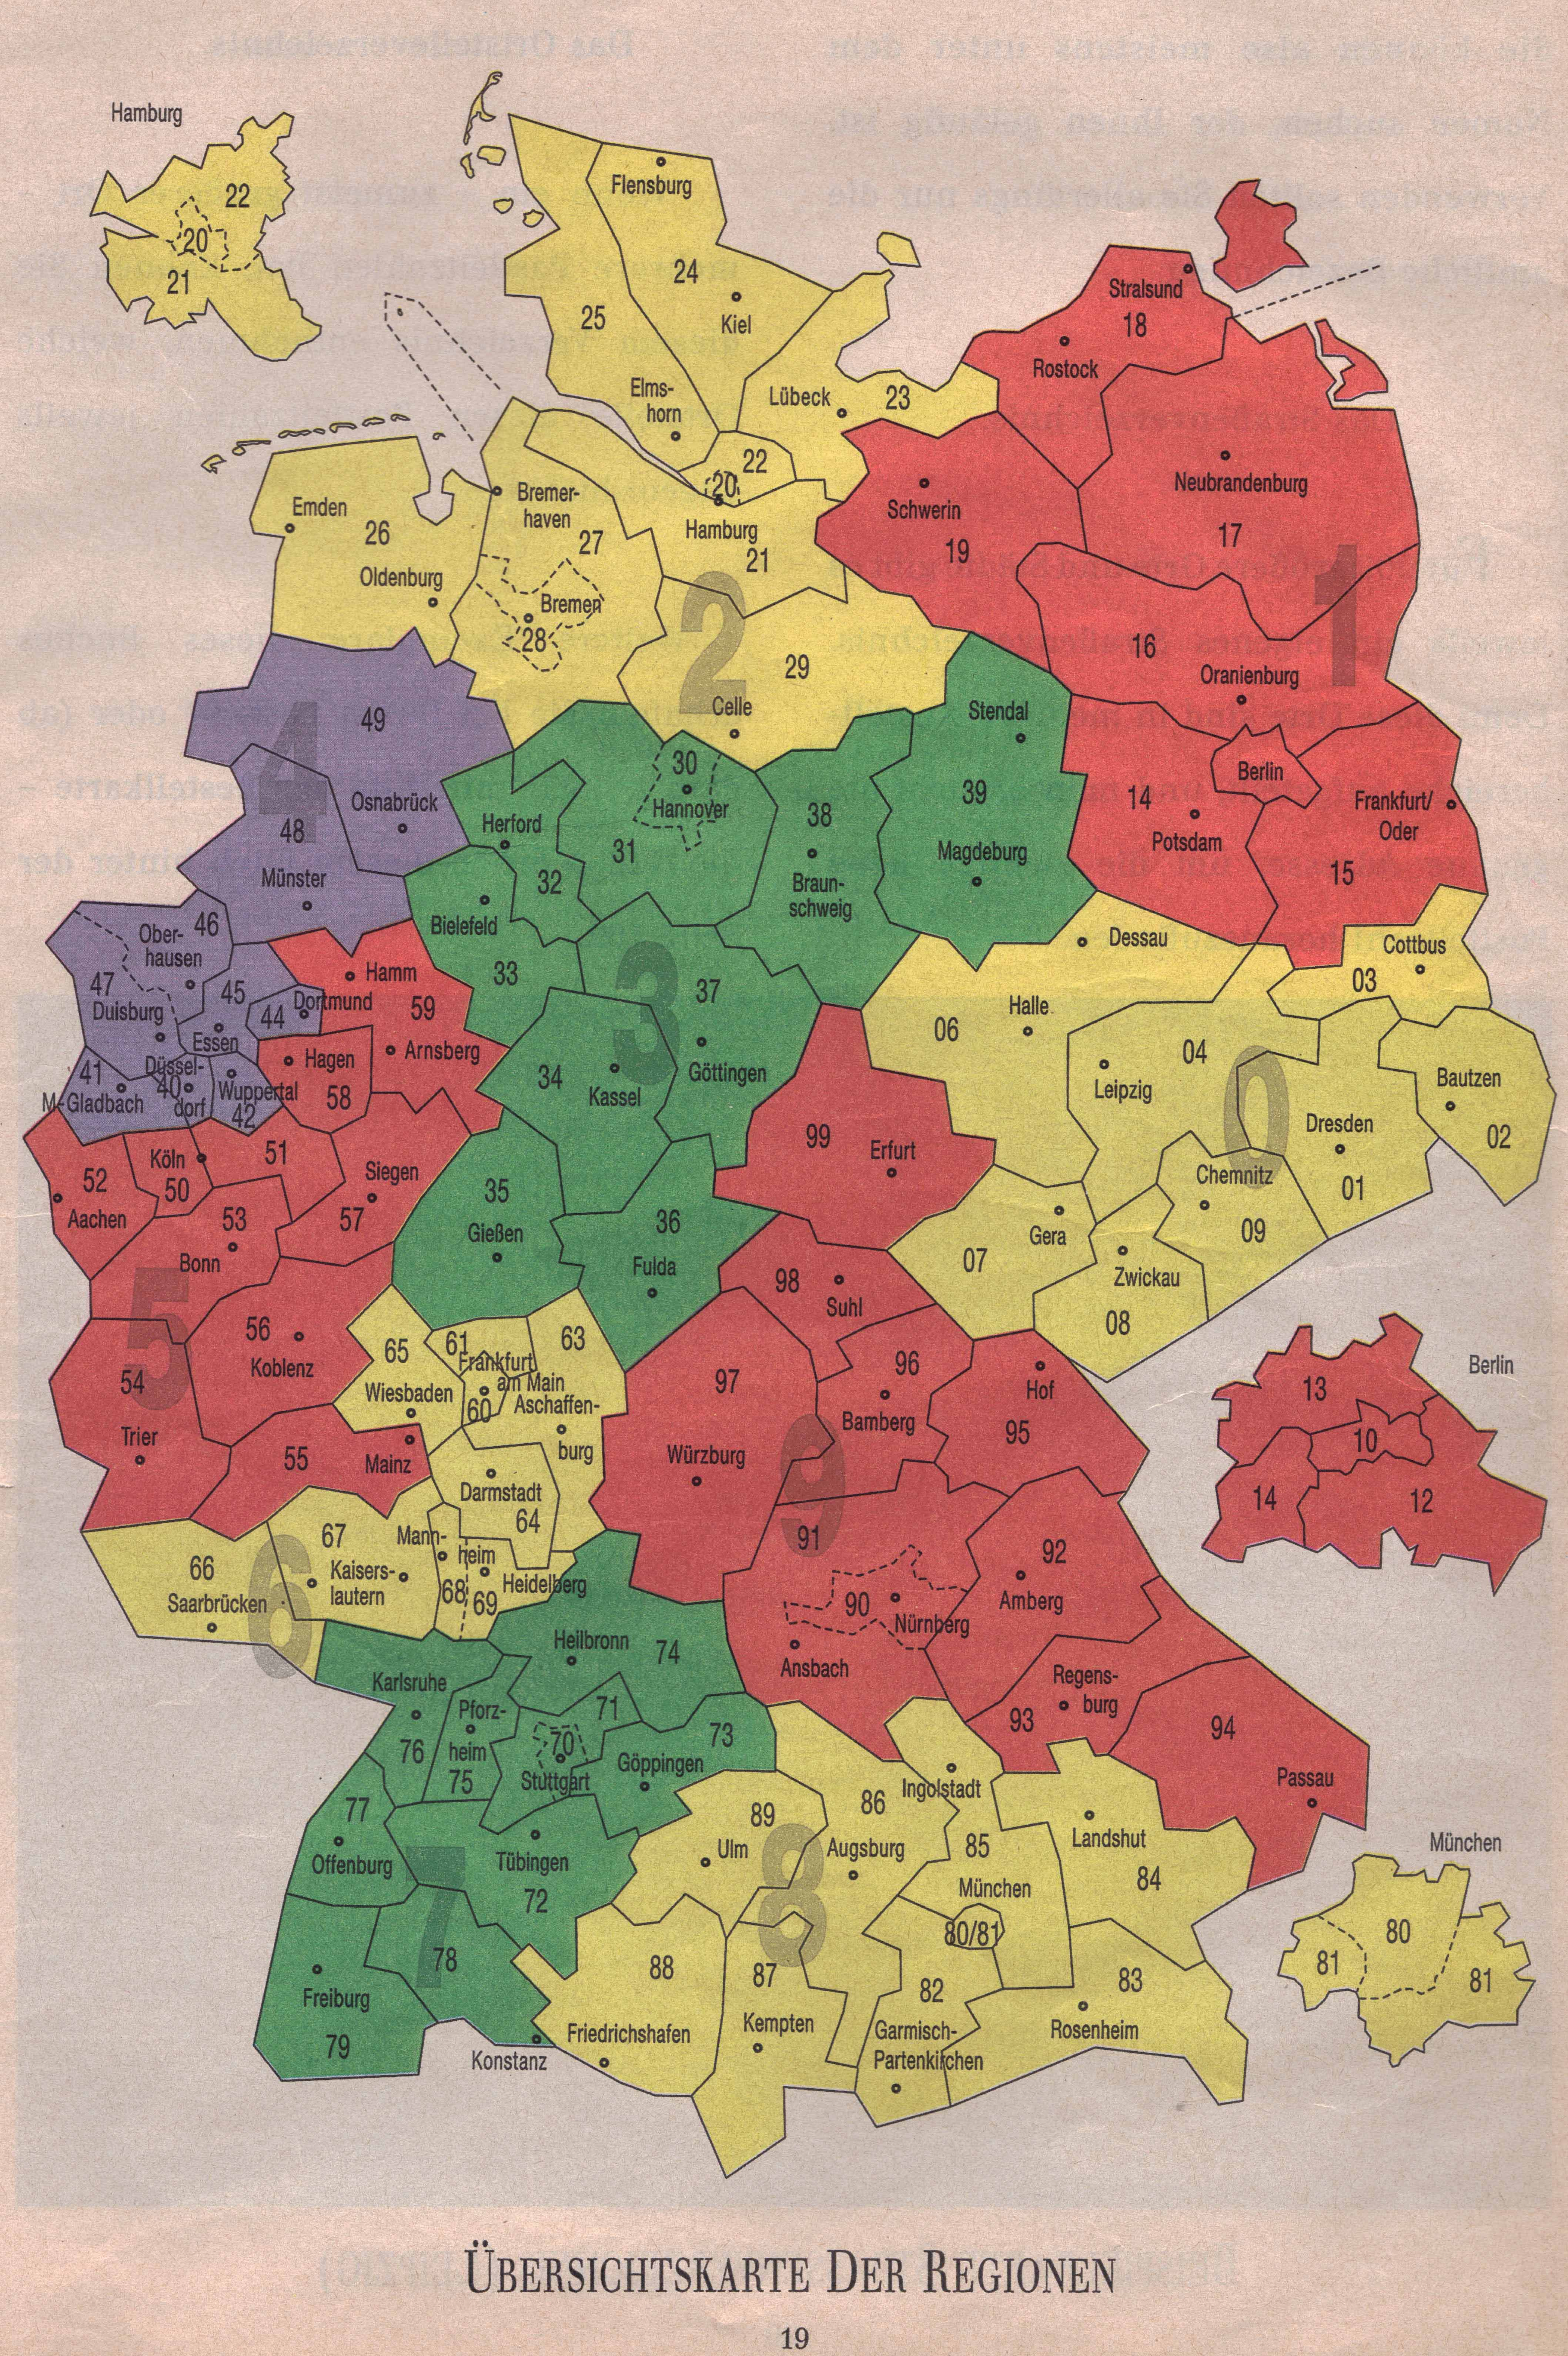 postnummer i oslo kart Kart over spelestader i Tyskland   FolkOrg postnummer i oslo kart